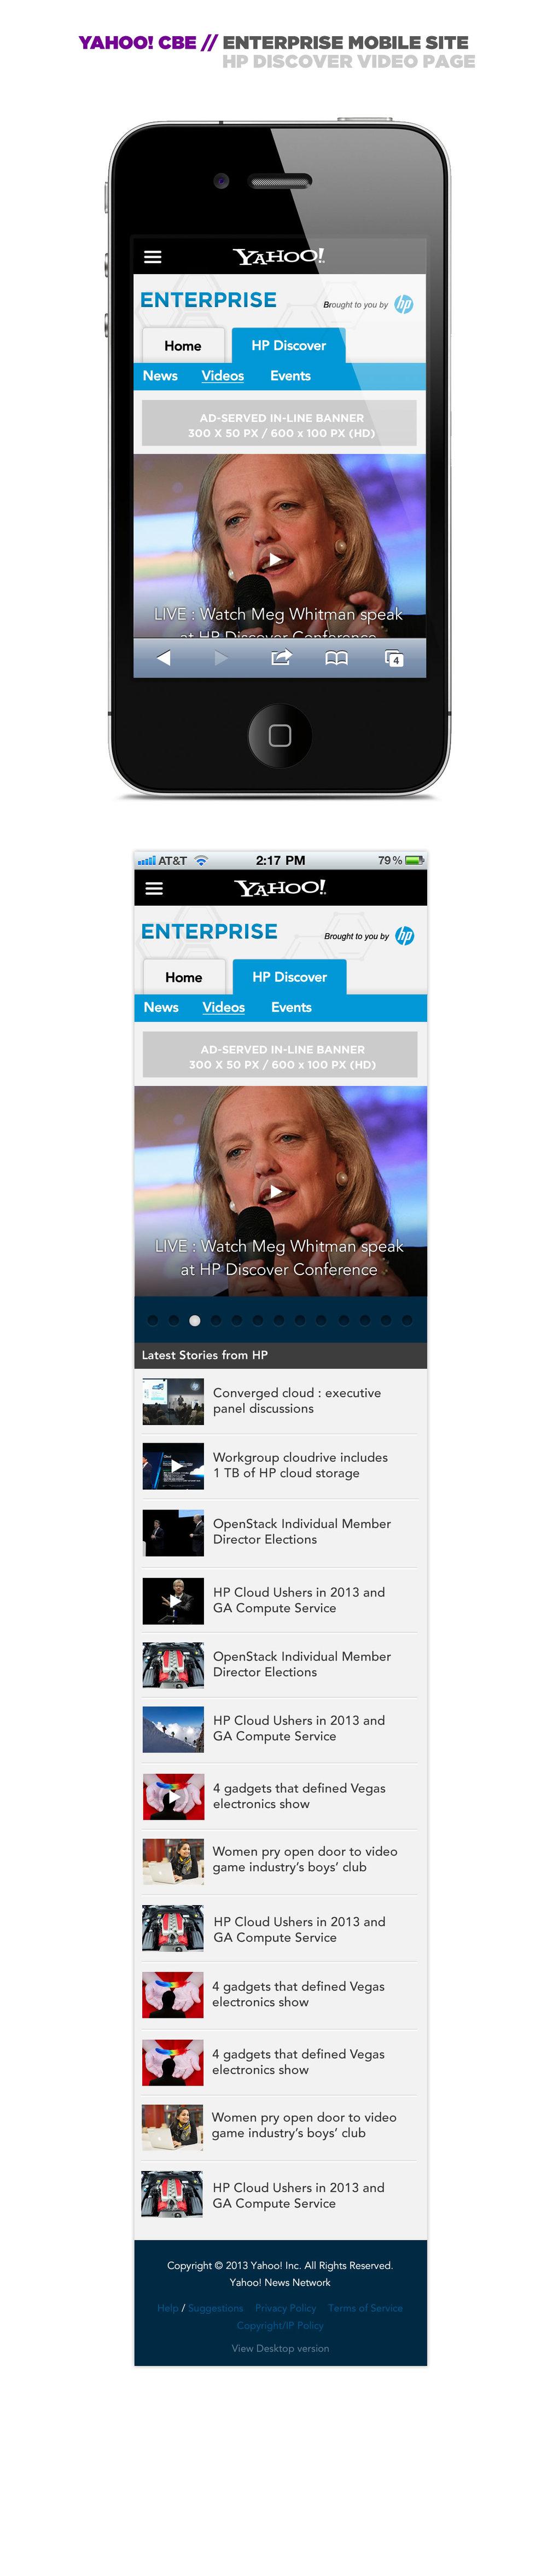 Enterprise_Mobile_hpdiscover-videos.jpg